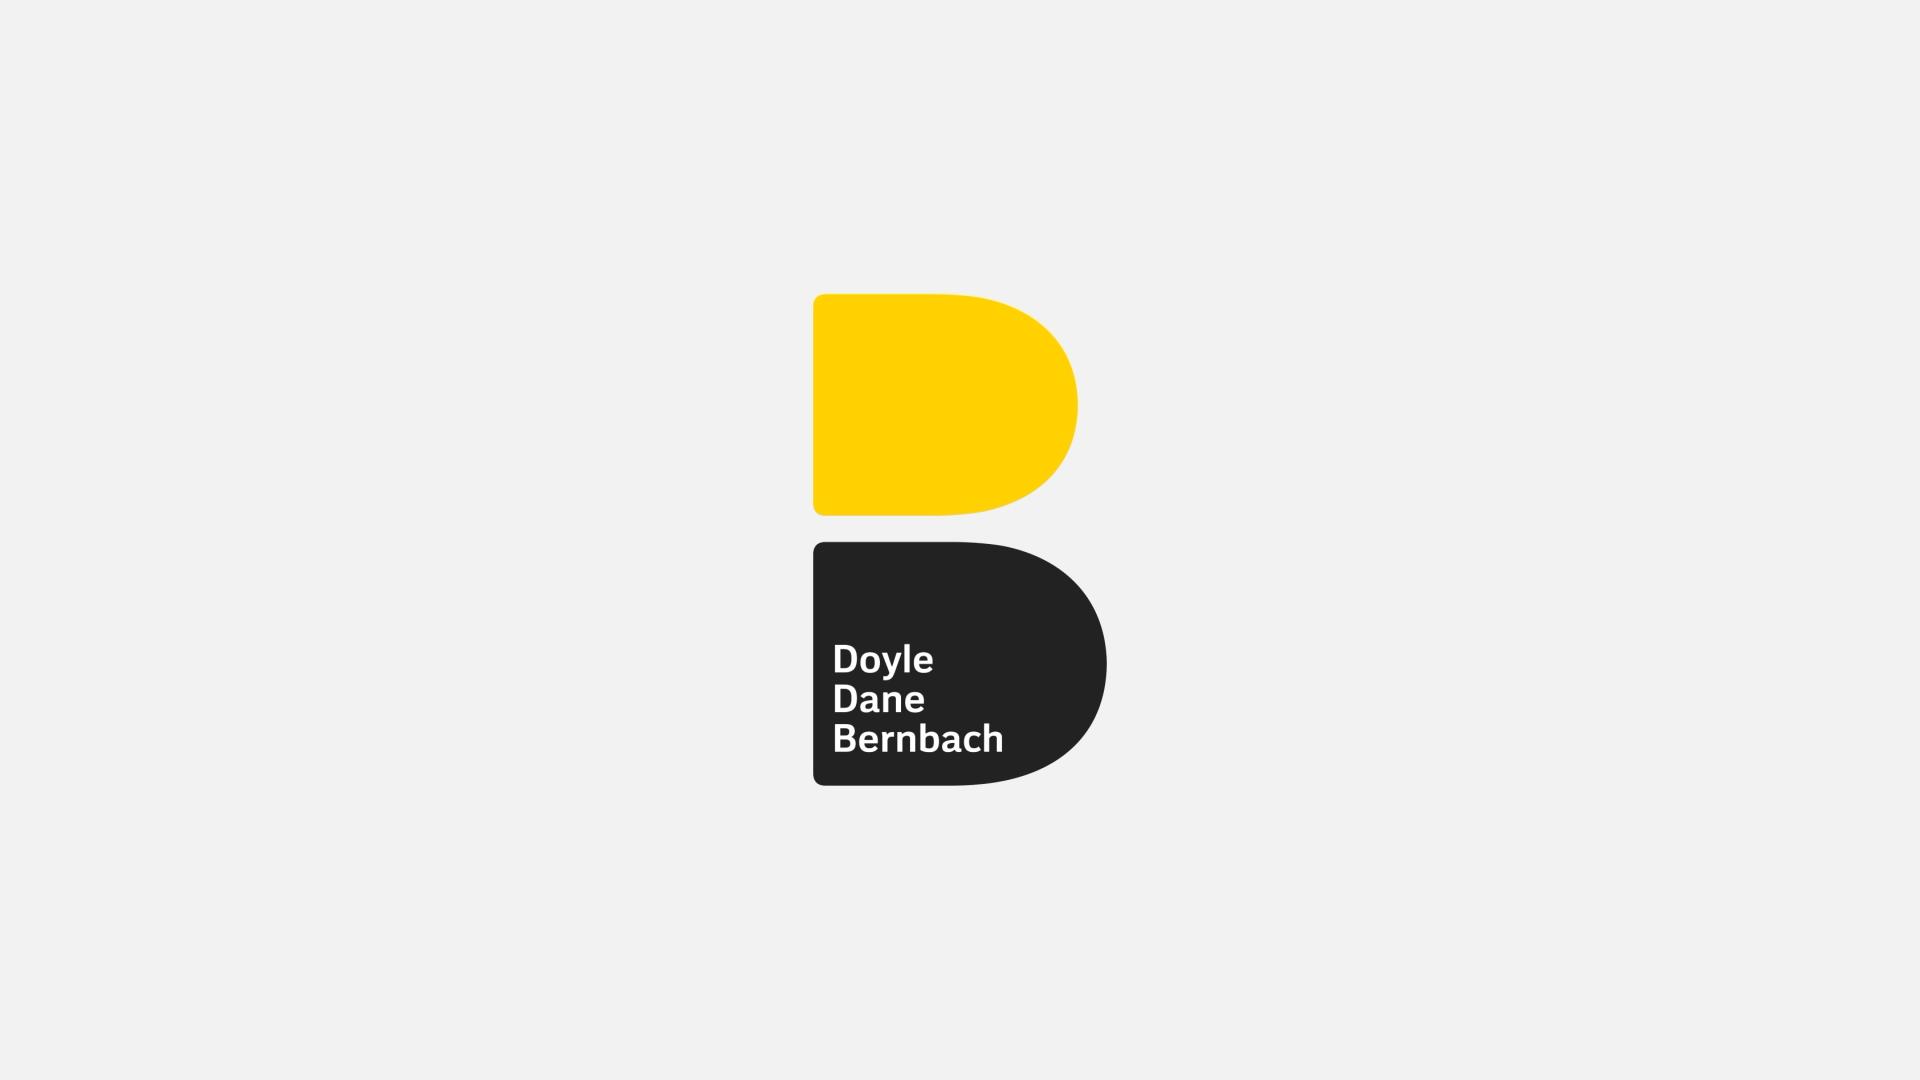 Doyle Dane Bernbach.